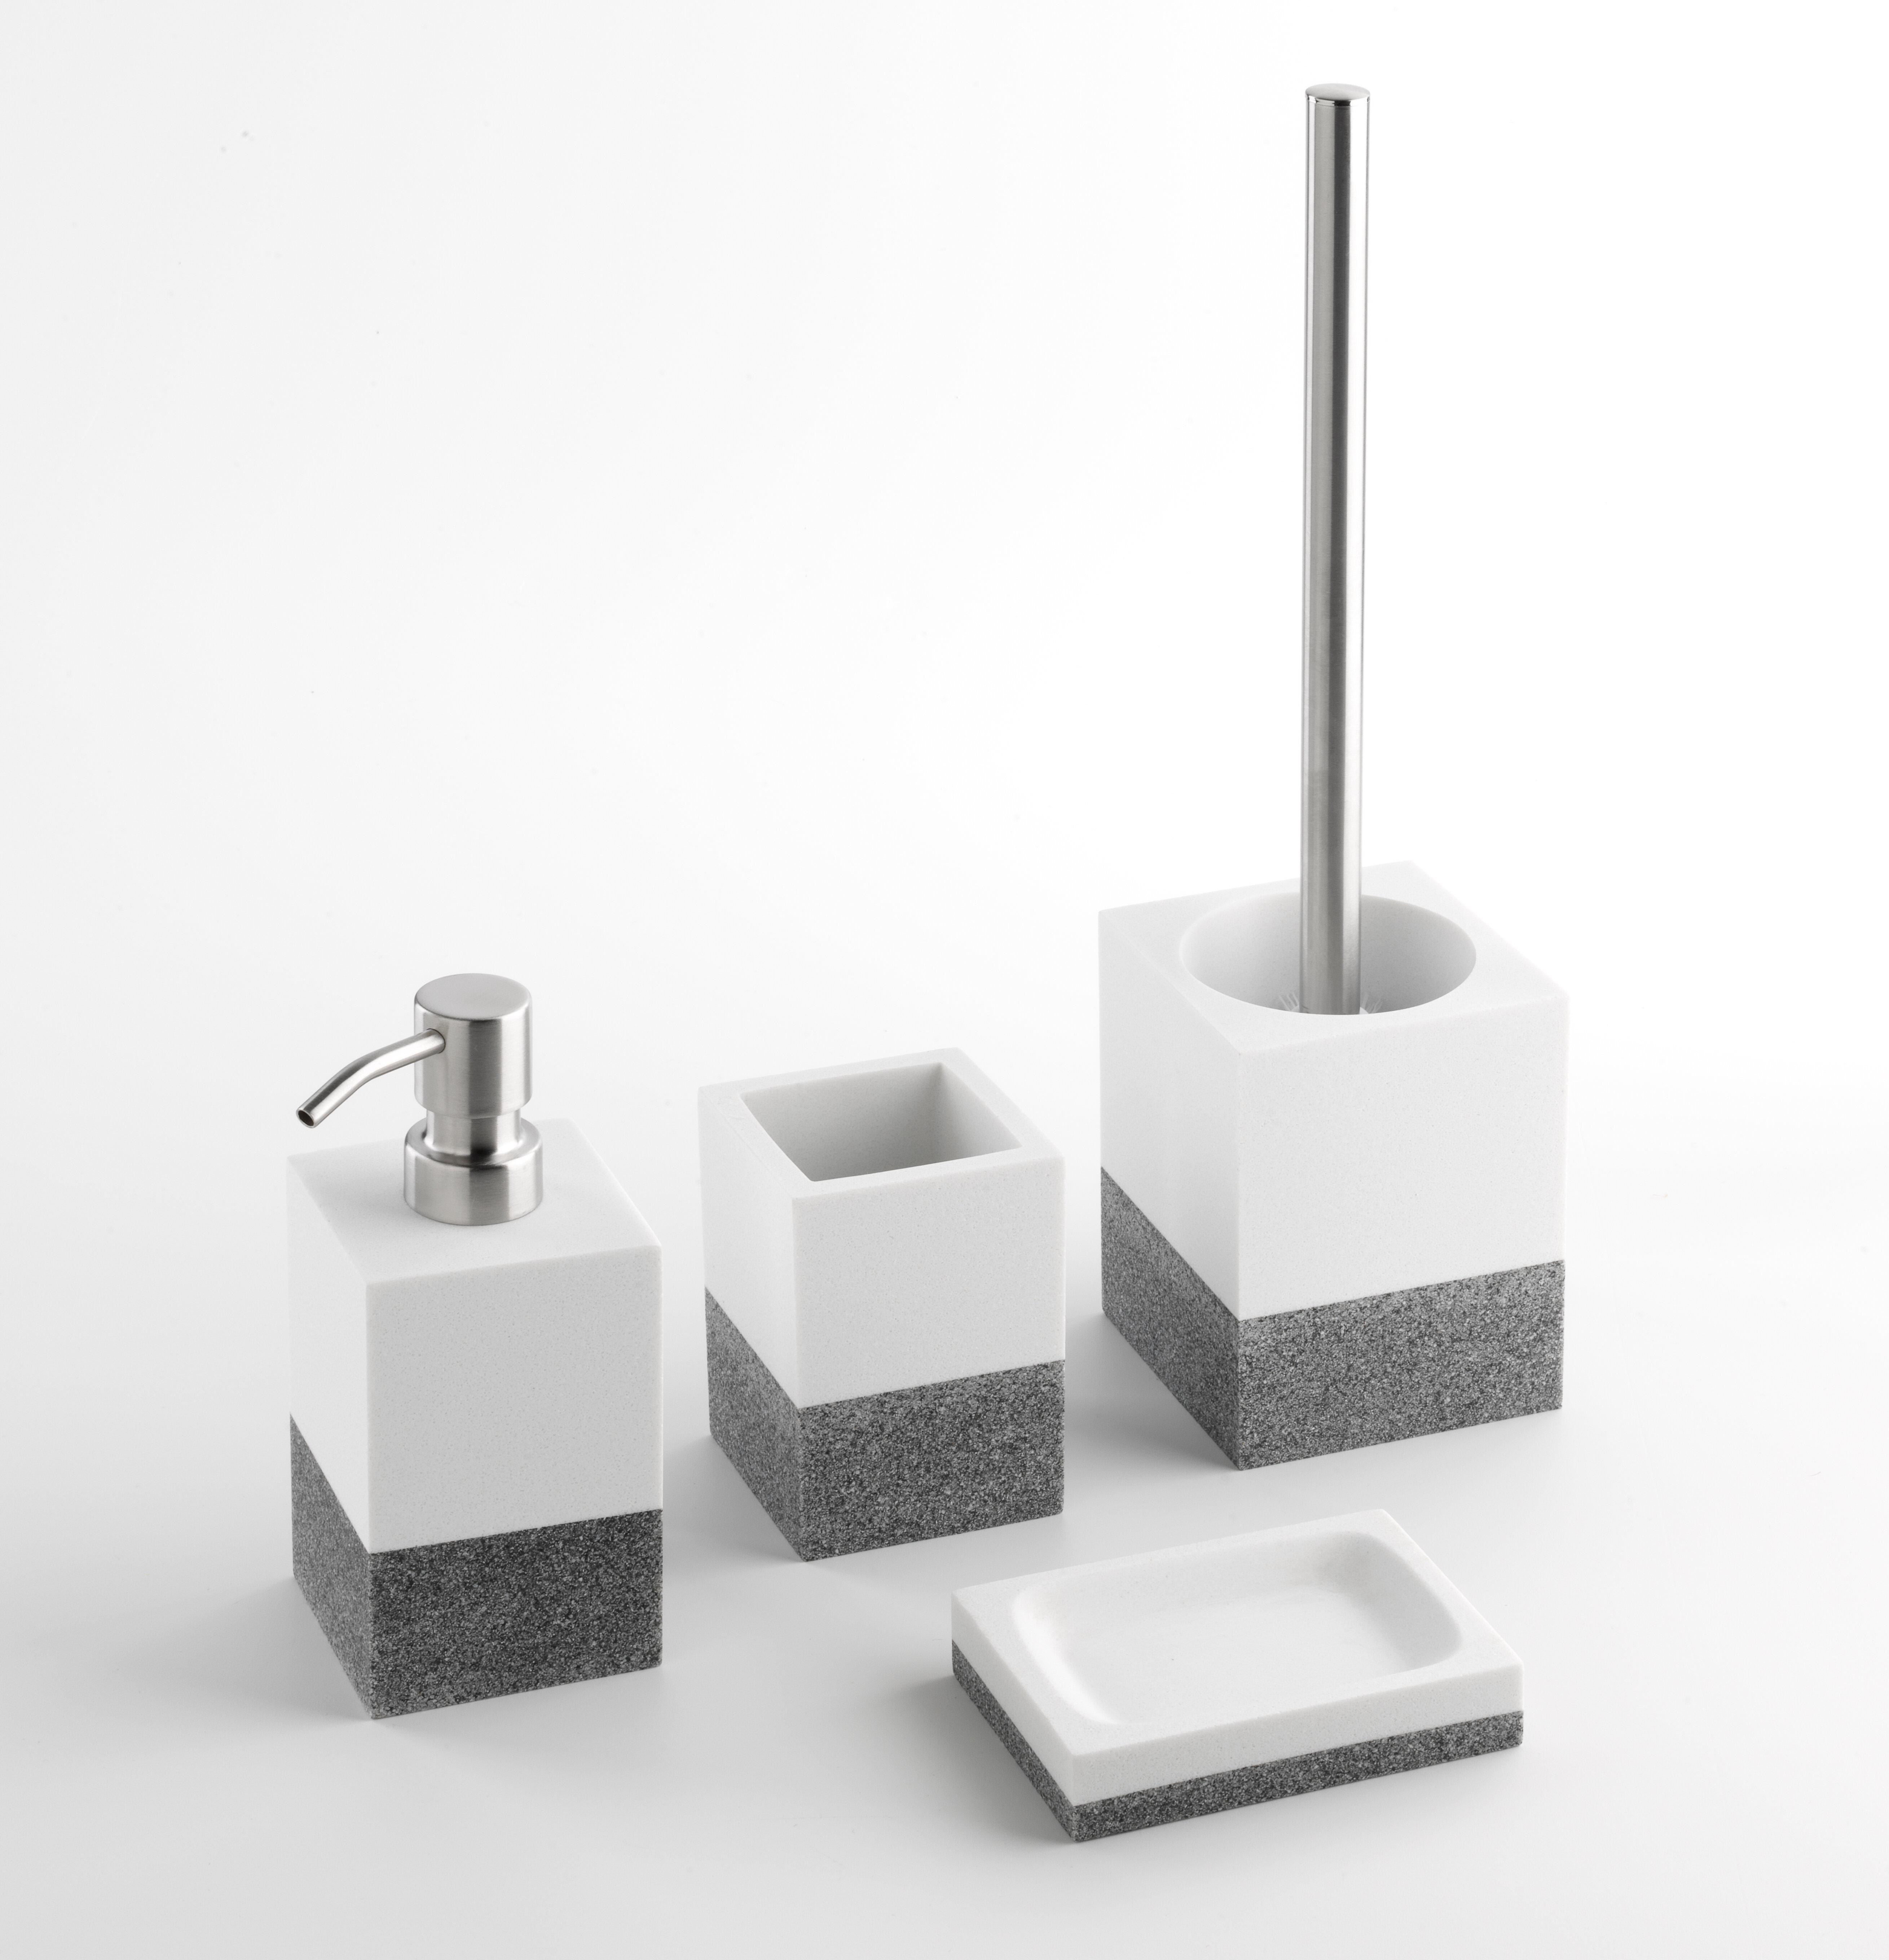 Brayden Studio Hirschman 4 Piece Bathroom Accessory Set Reviews Wayfair Co Uk